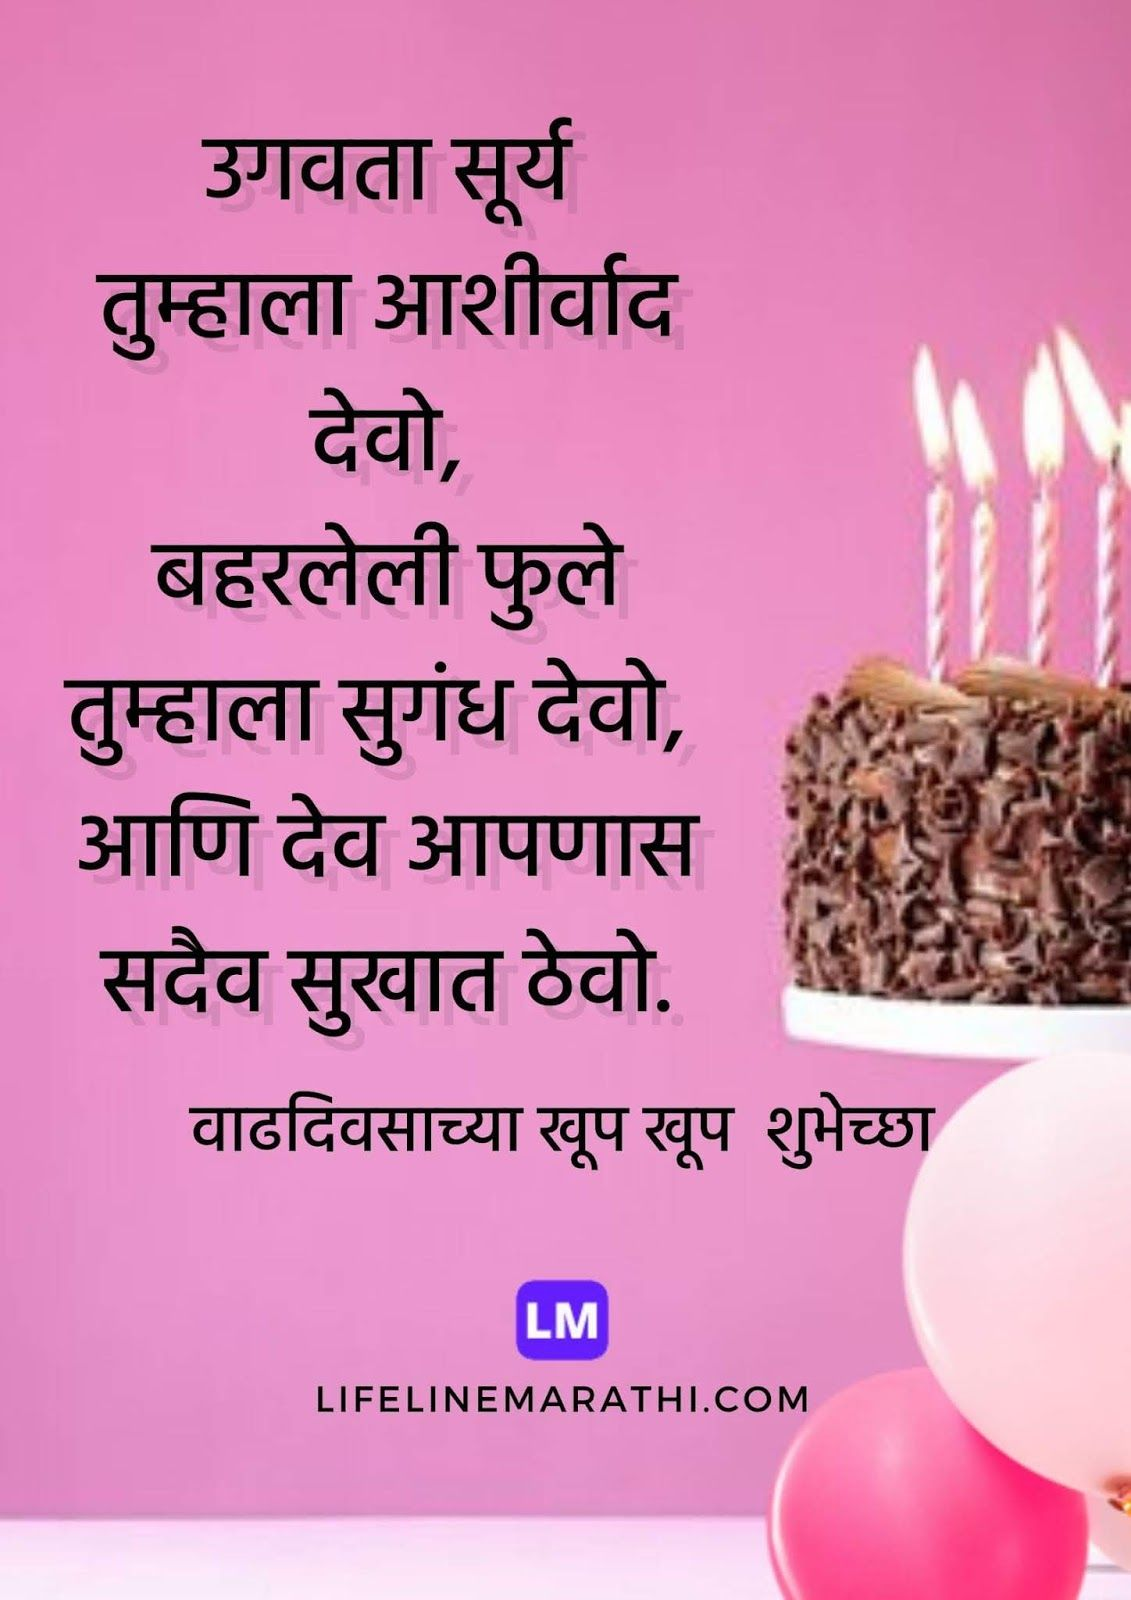 Birthday Wishes In Marathi Happy Birthday Wishes Photos Happy Birthday Wishes Quotes Funny Happy Birthday Wishes